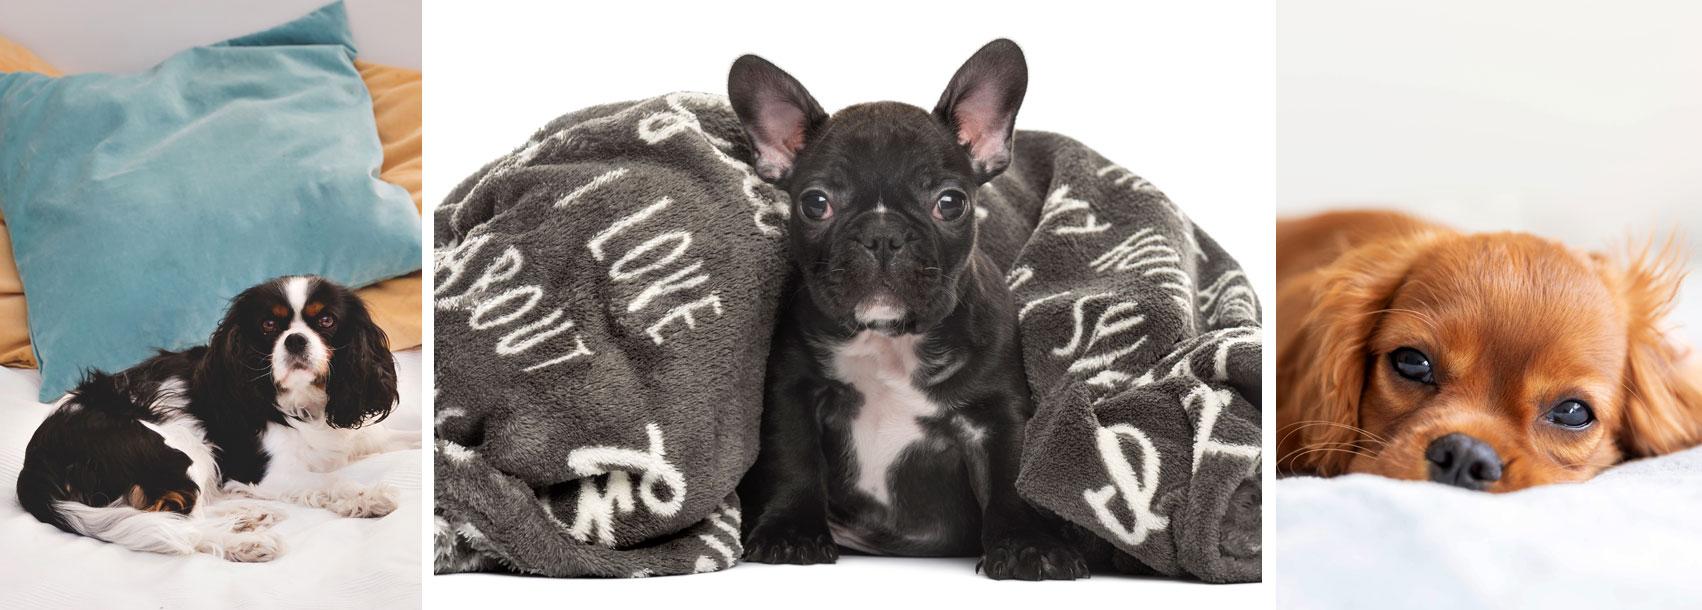 Hundekissen groß und klein auf Hundemantel-Mode.de